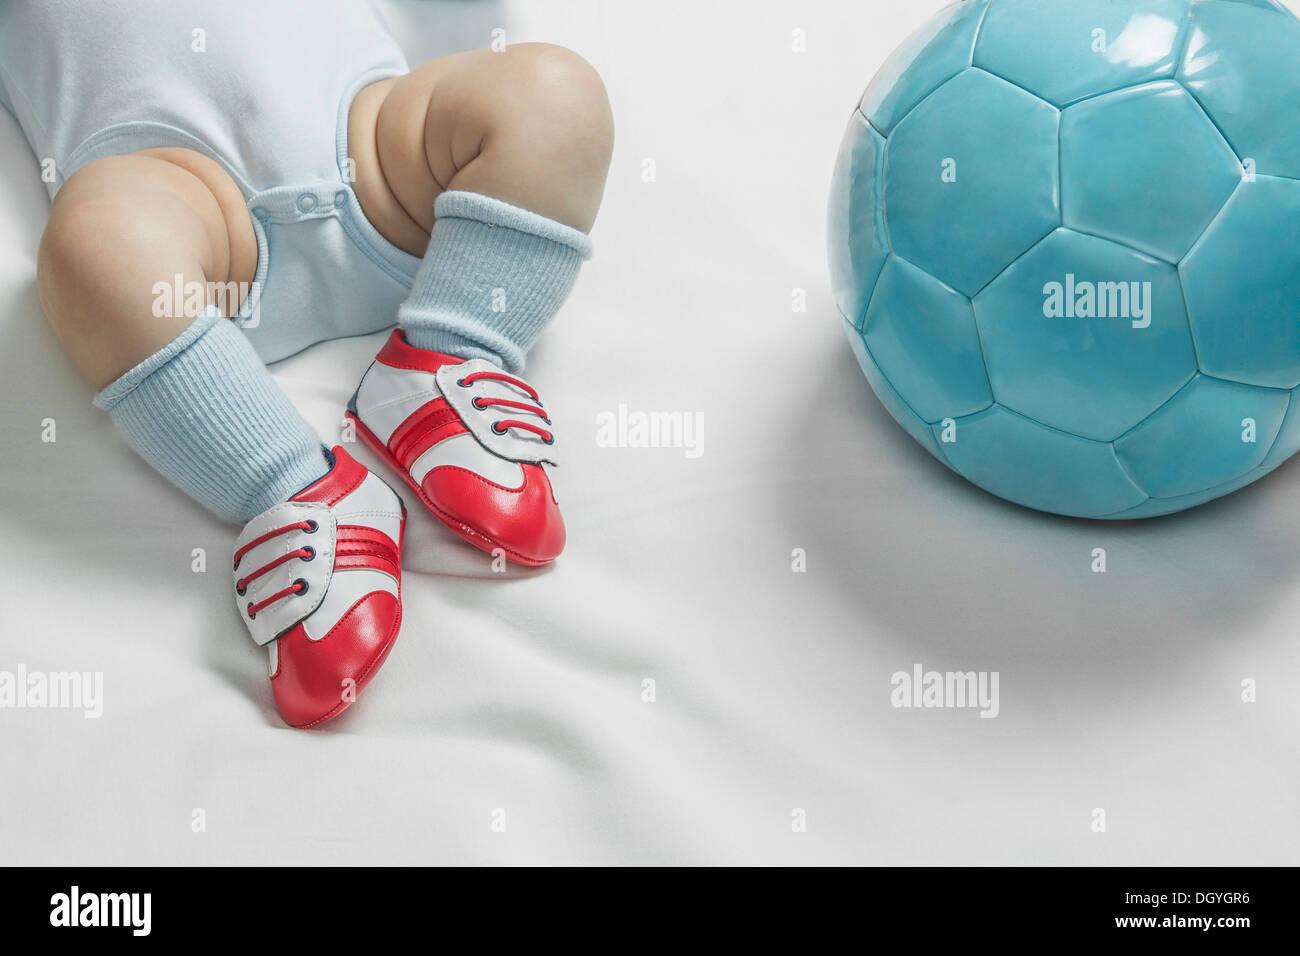 b8bc77c7fb492 Un bebé bebé niño usando zapatos de fútbol tumbado junto a un balón de  fútbol jpg